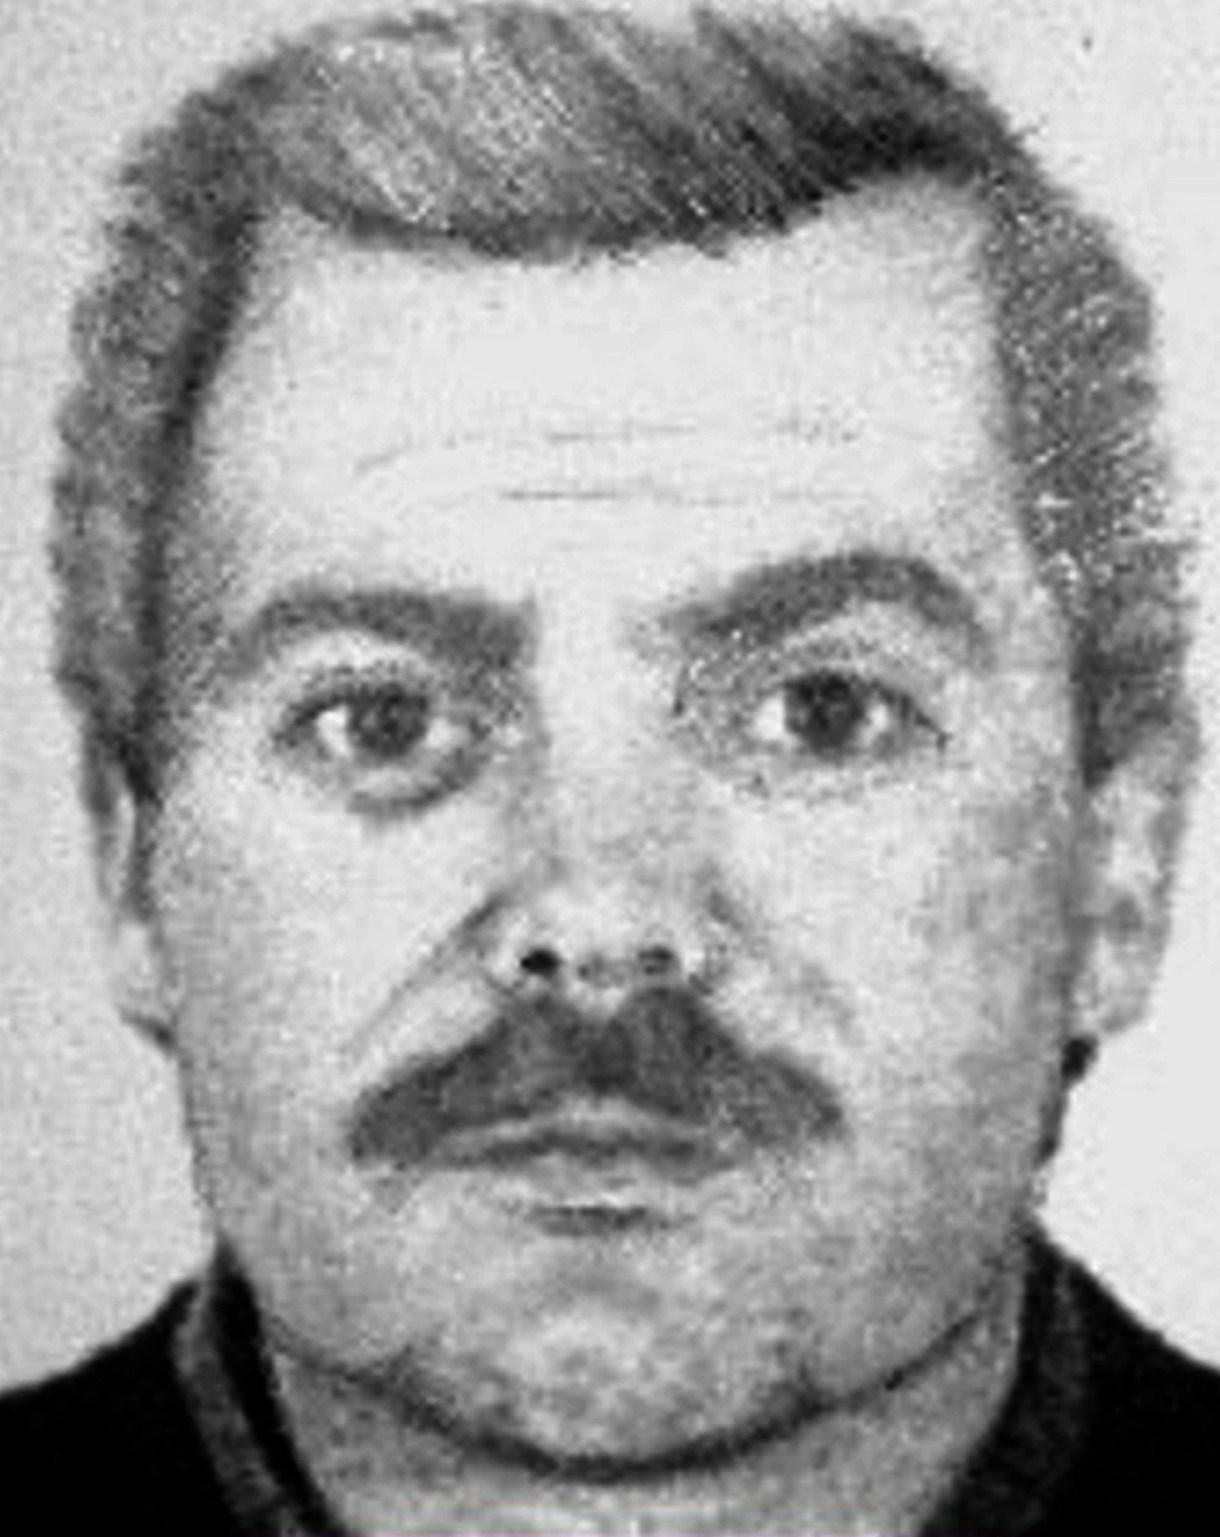 Pablo Martín Gerez, integrante de la Brigada de Investigaciones de La Plata y uno de los responsables del asesinato de Andrés Núñez en 1990